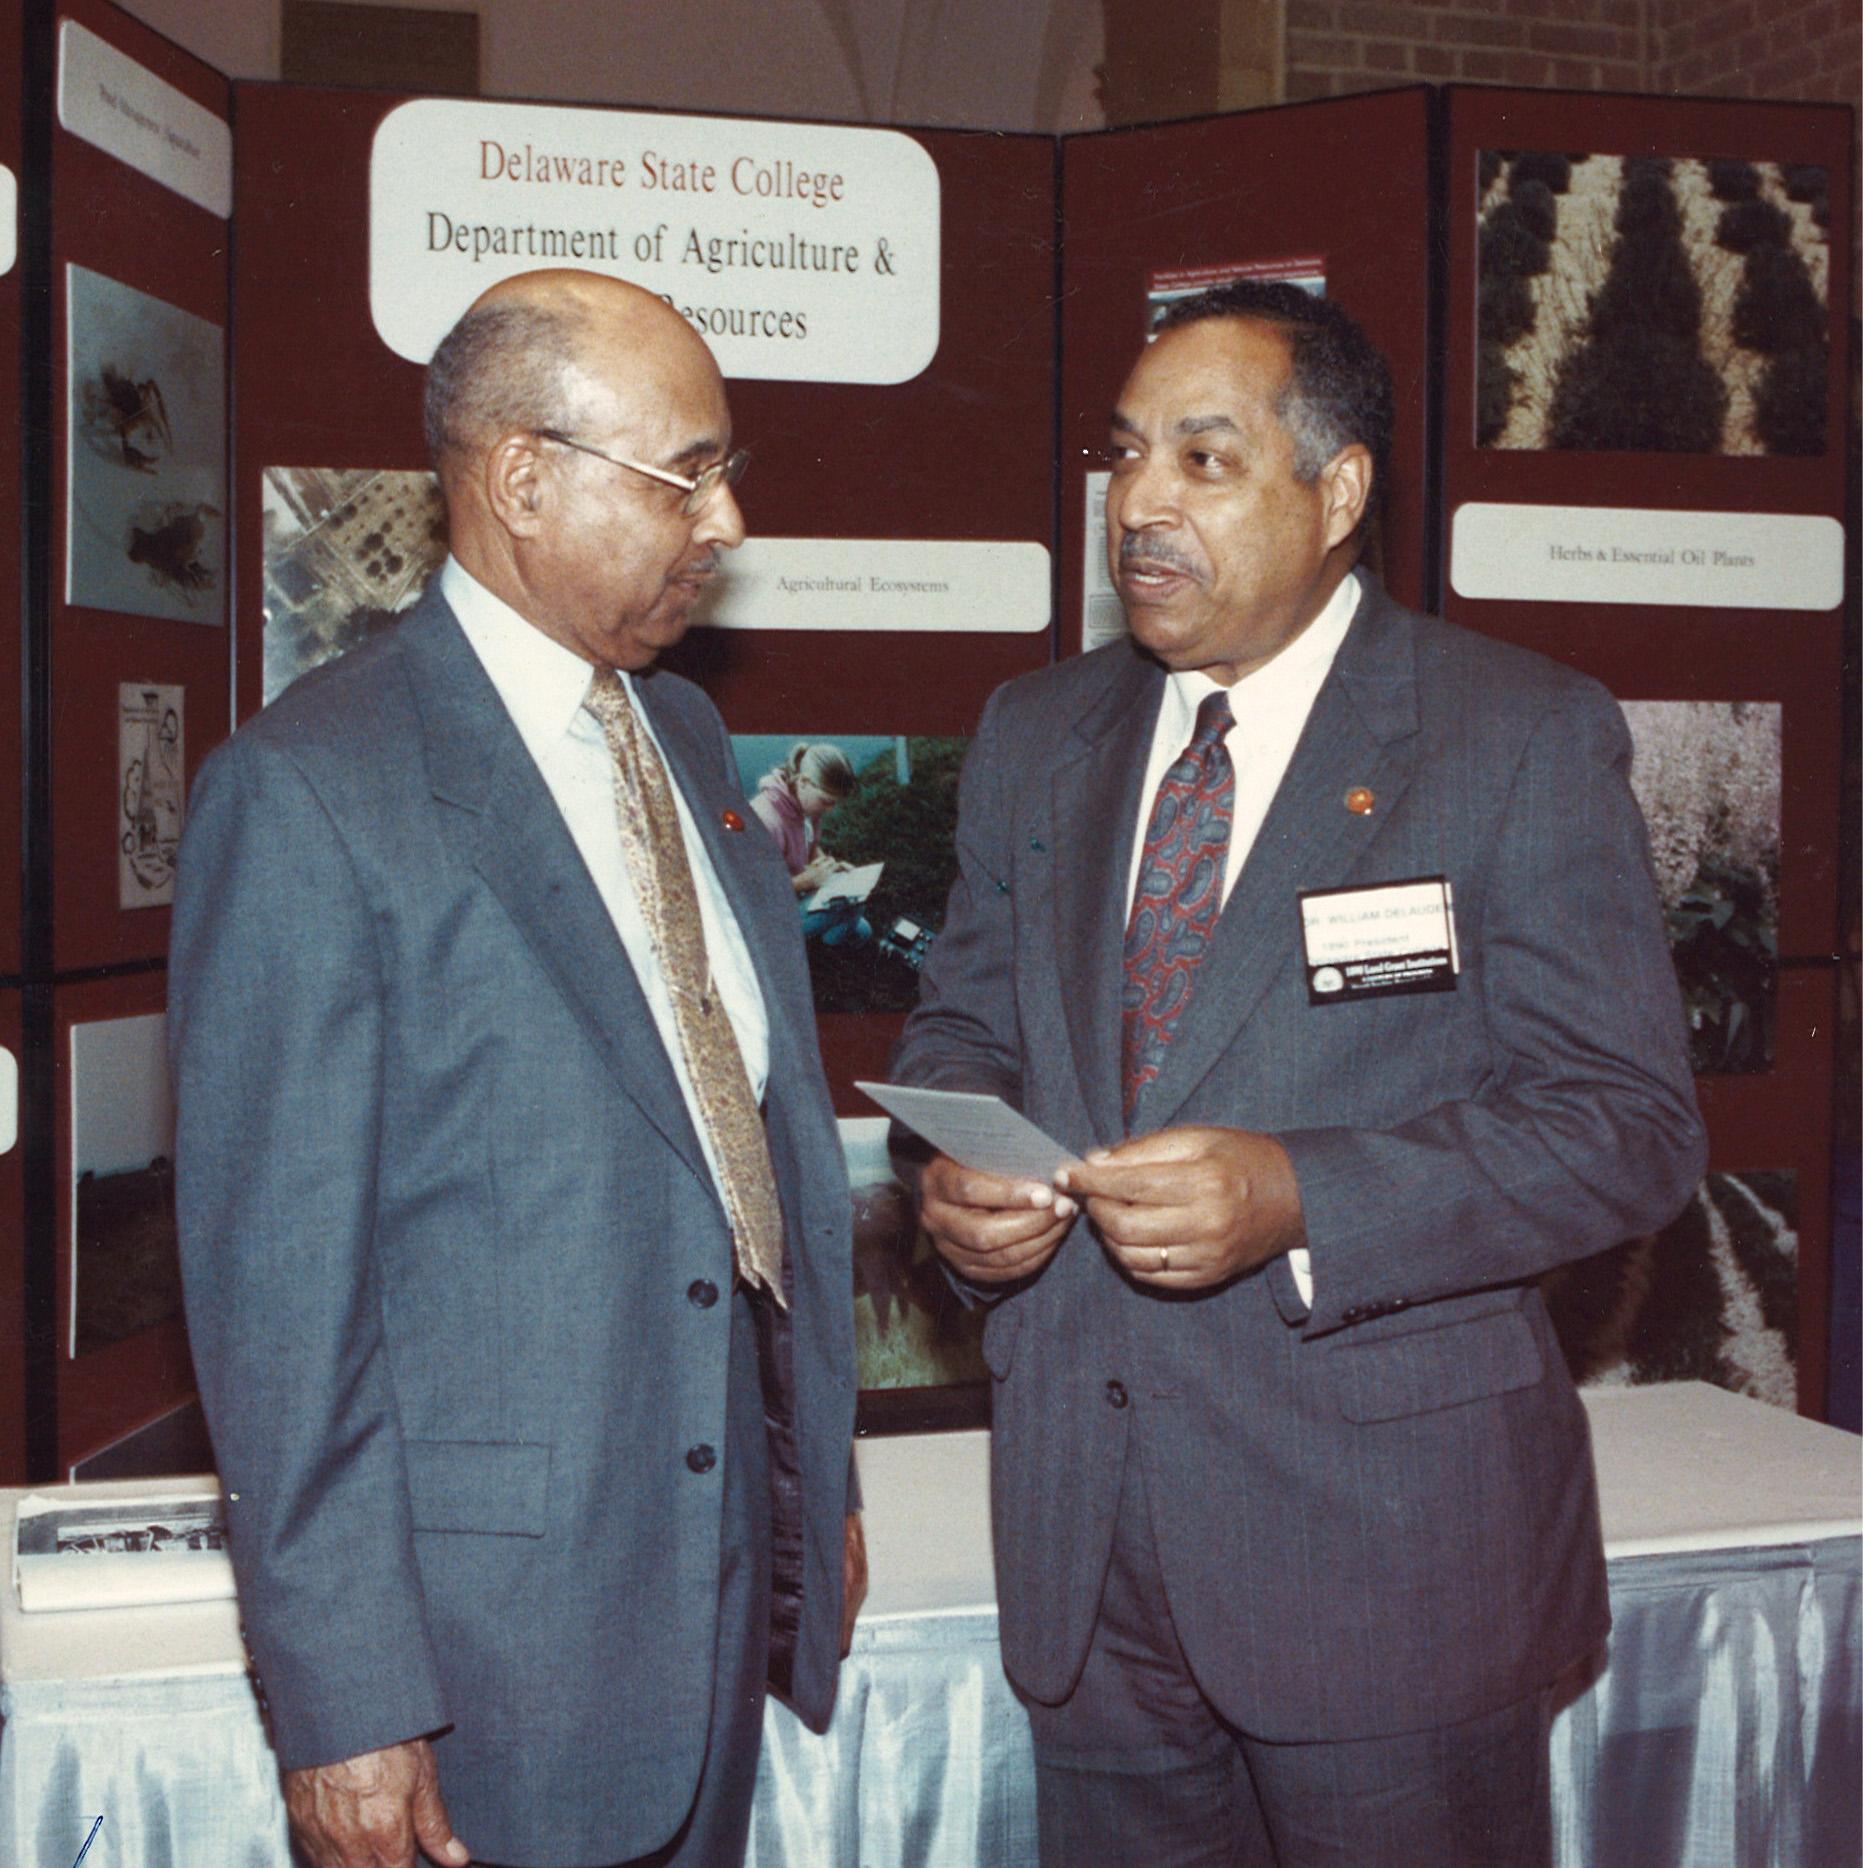 Dr. DeLauder (r) with former Ag program director, Dr. Ulysses S. Washington.